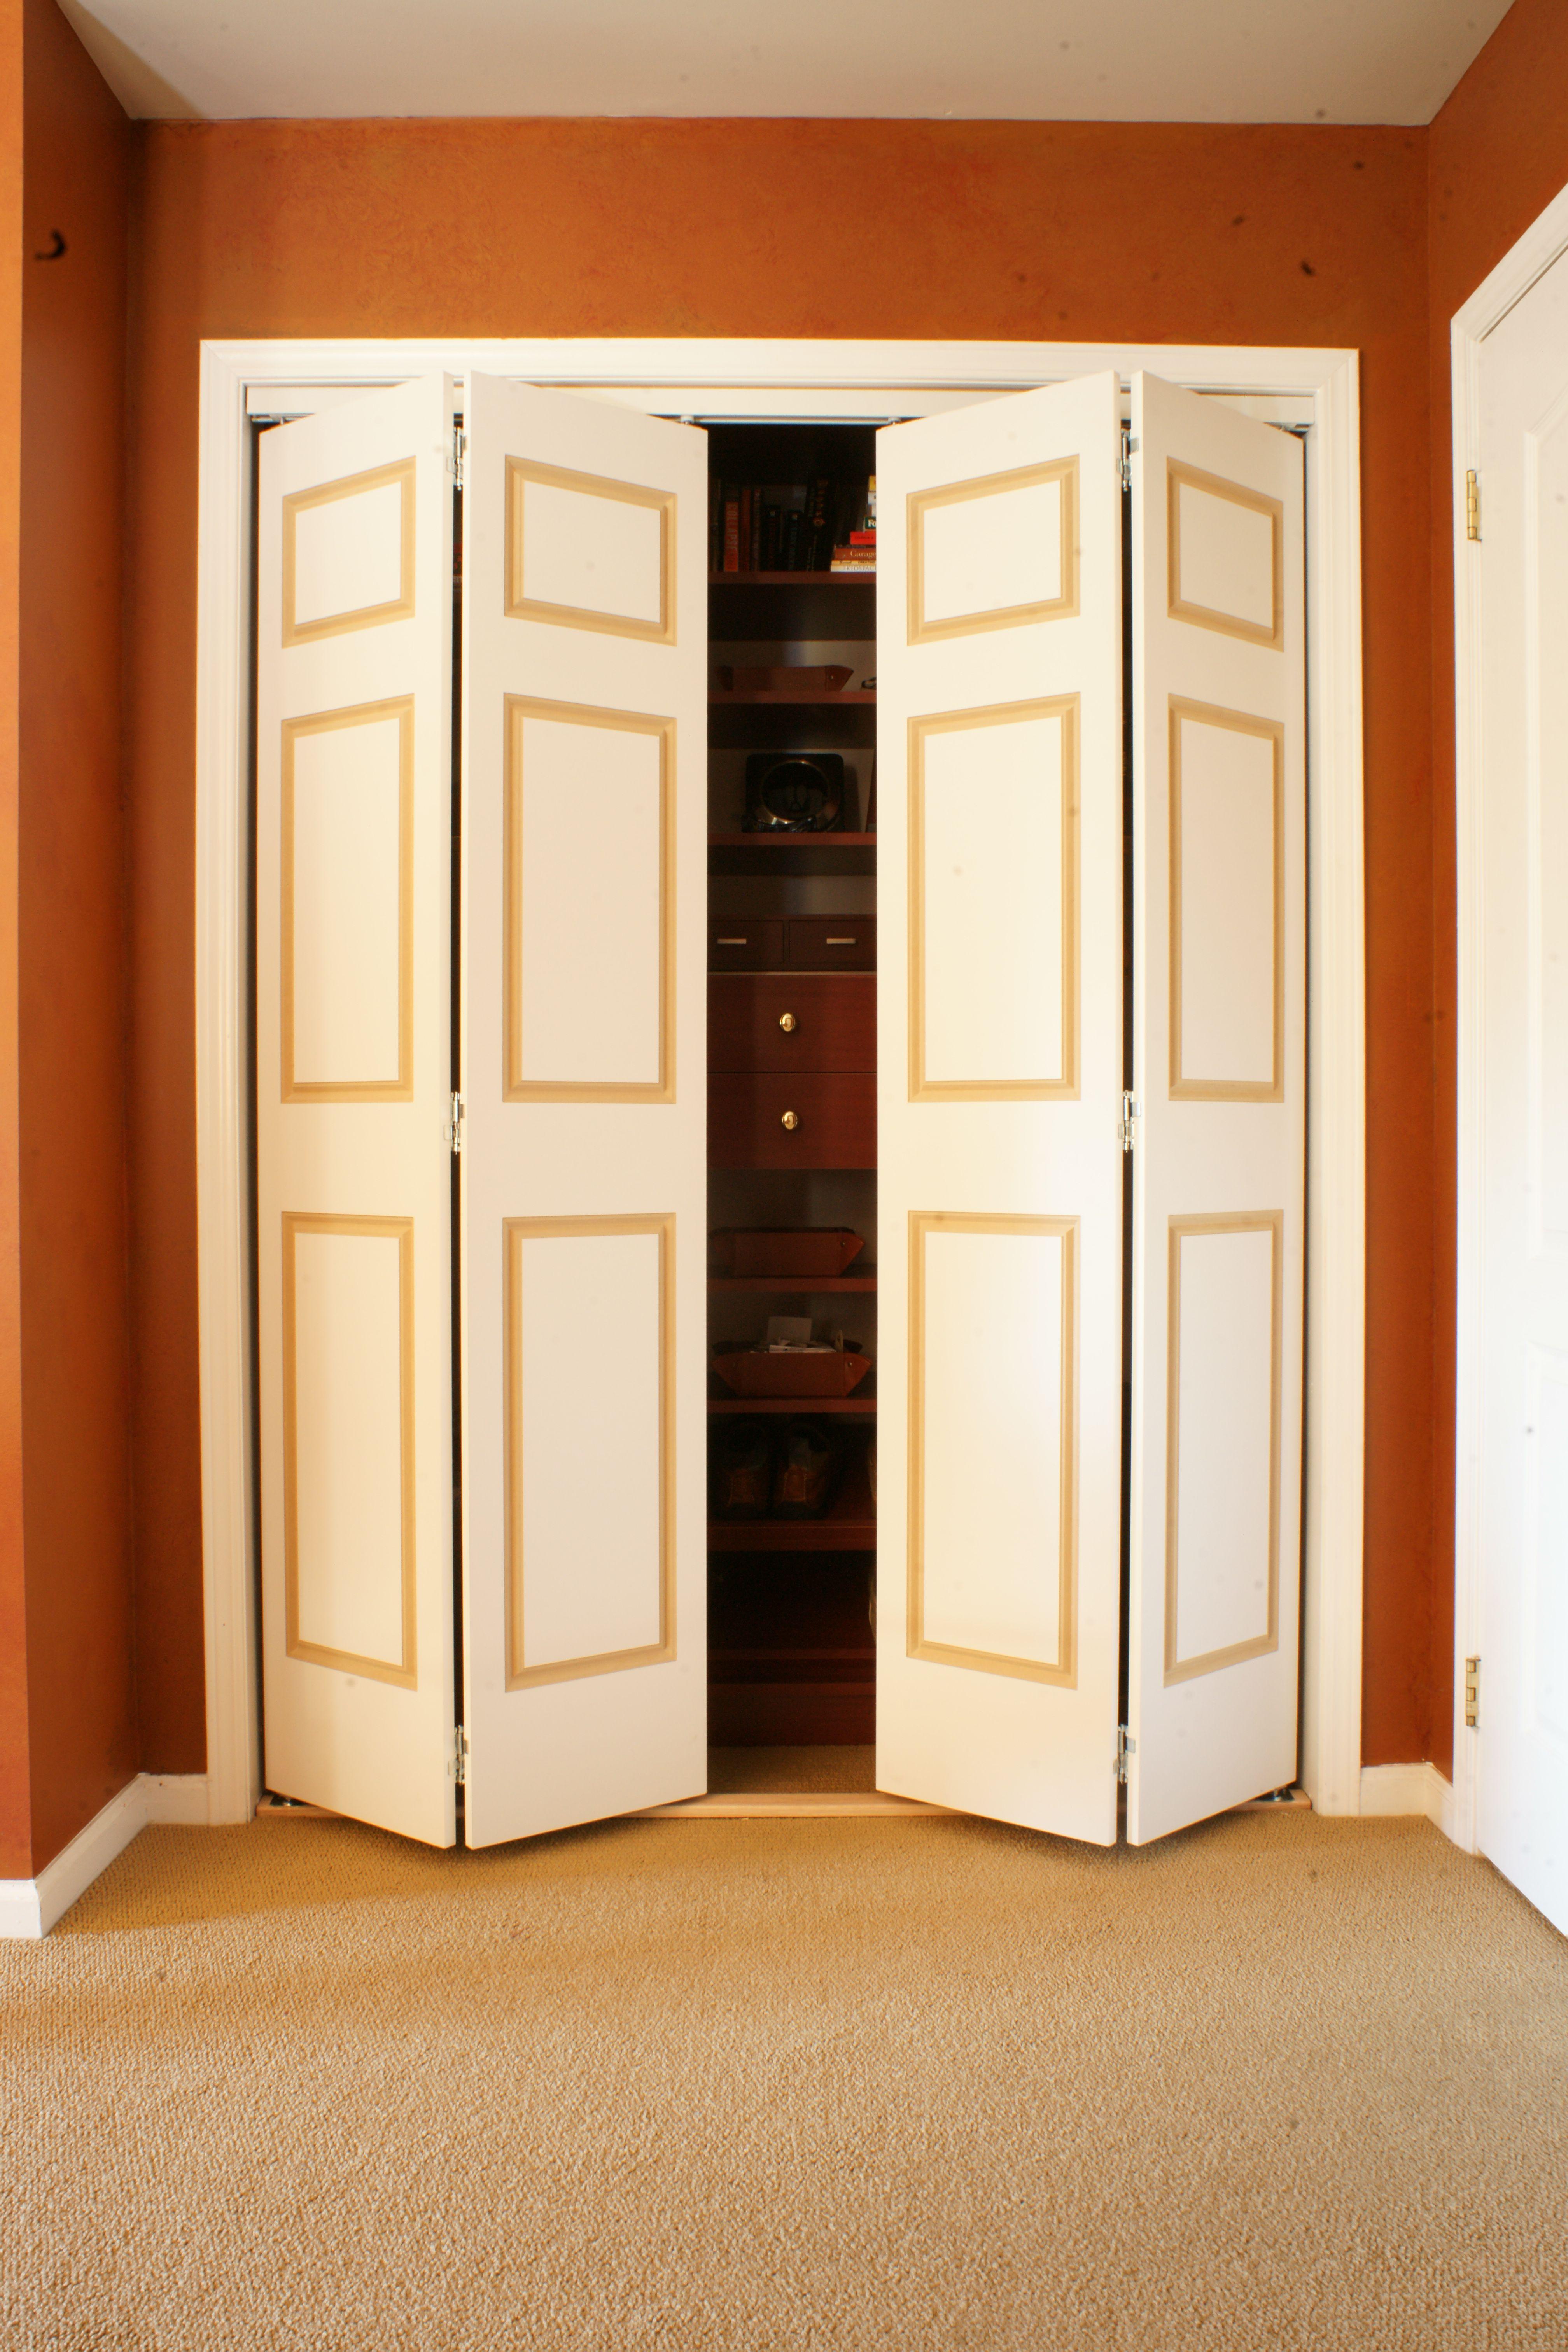 Routed 4 6 Panel Bifold Doors Customdoorandmirror Bifold Doors Space Saving Furniture Slider Door